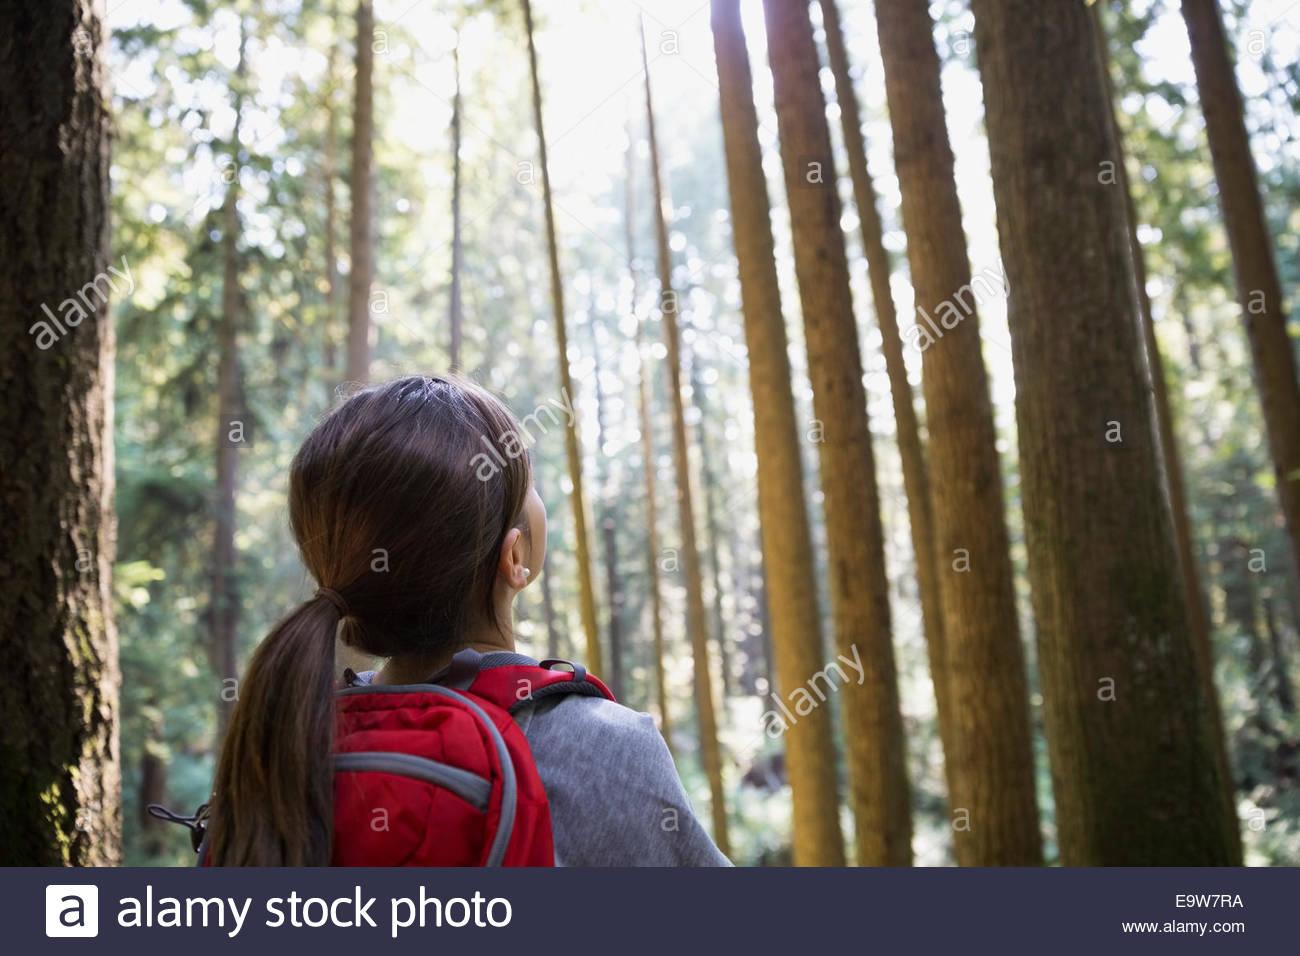 Ragazza cerca fino ad alberi di alto fusto in boschi Immagini Stock